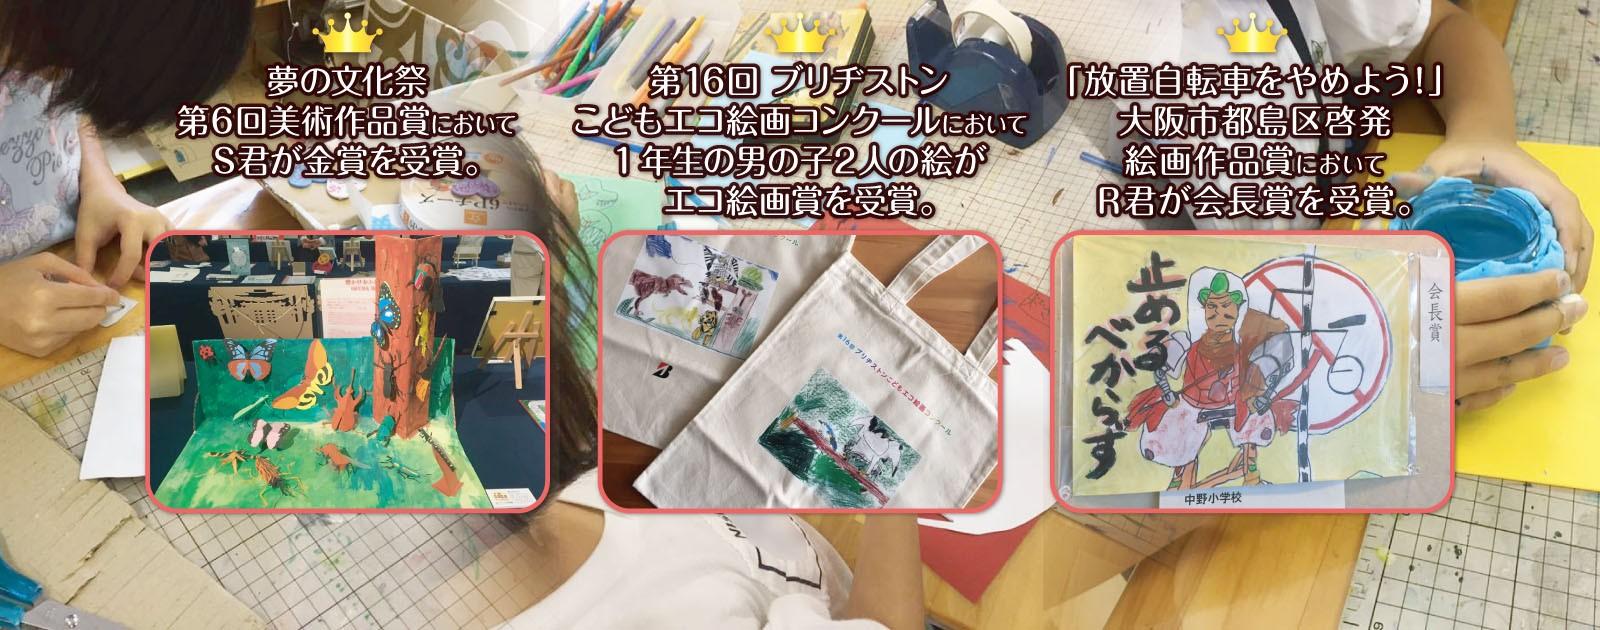 大阪梅田で学童保育をお探しなら、8~20時までお預かりする 子供の才能を引き出す「なるには學問堂」へ!